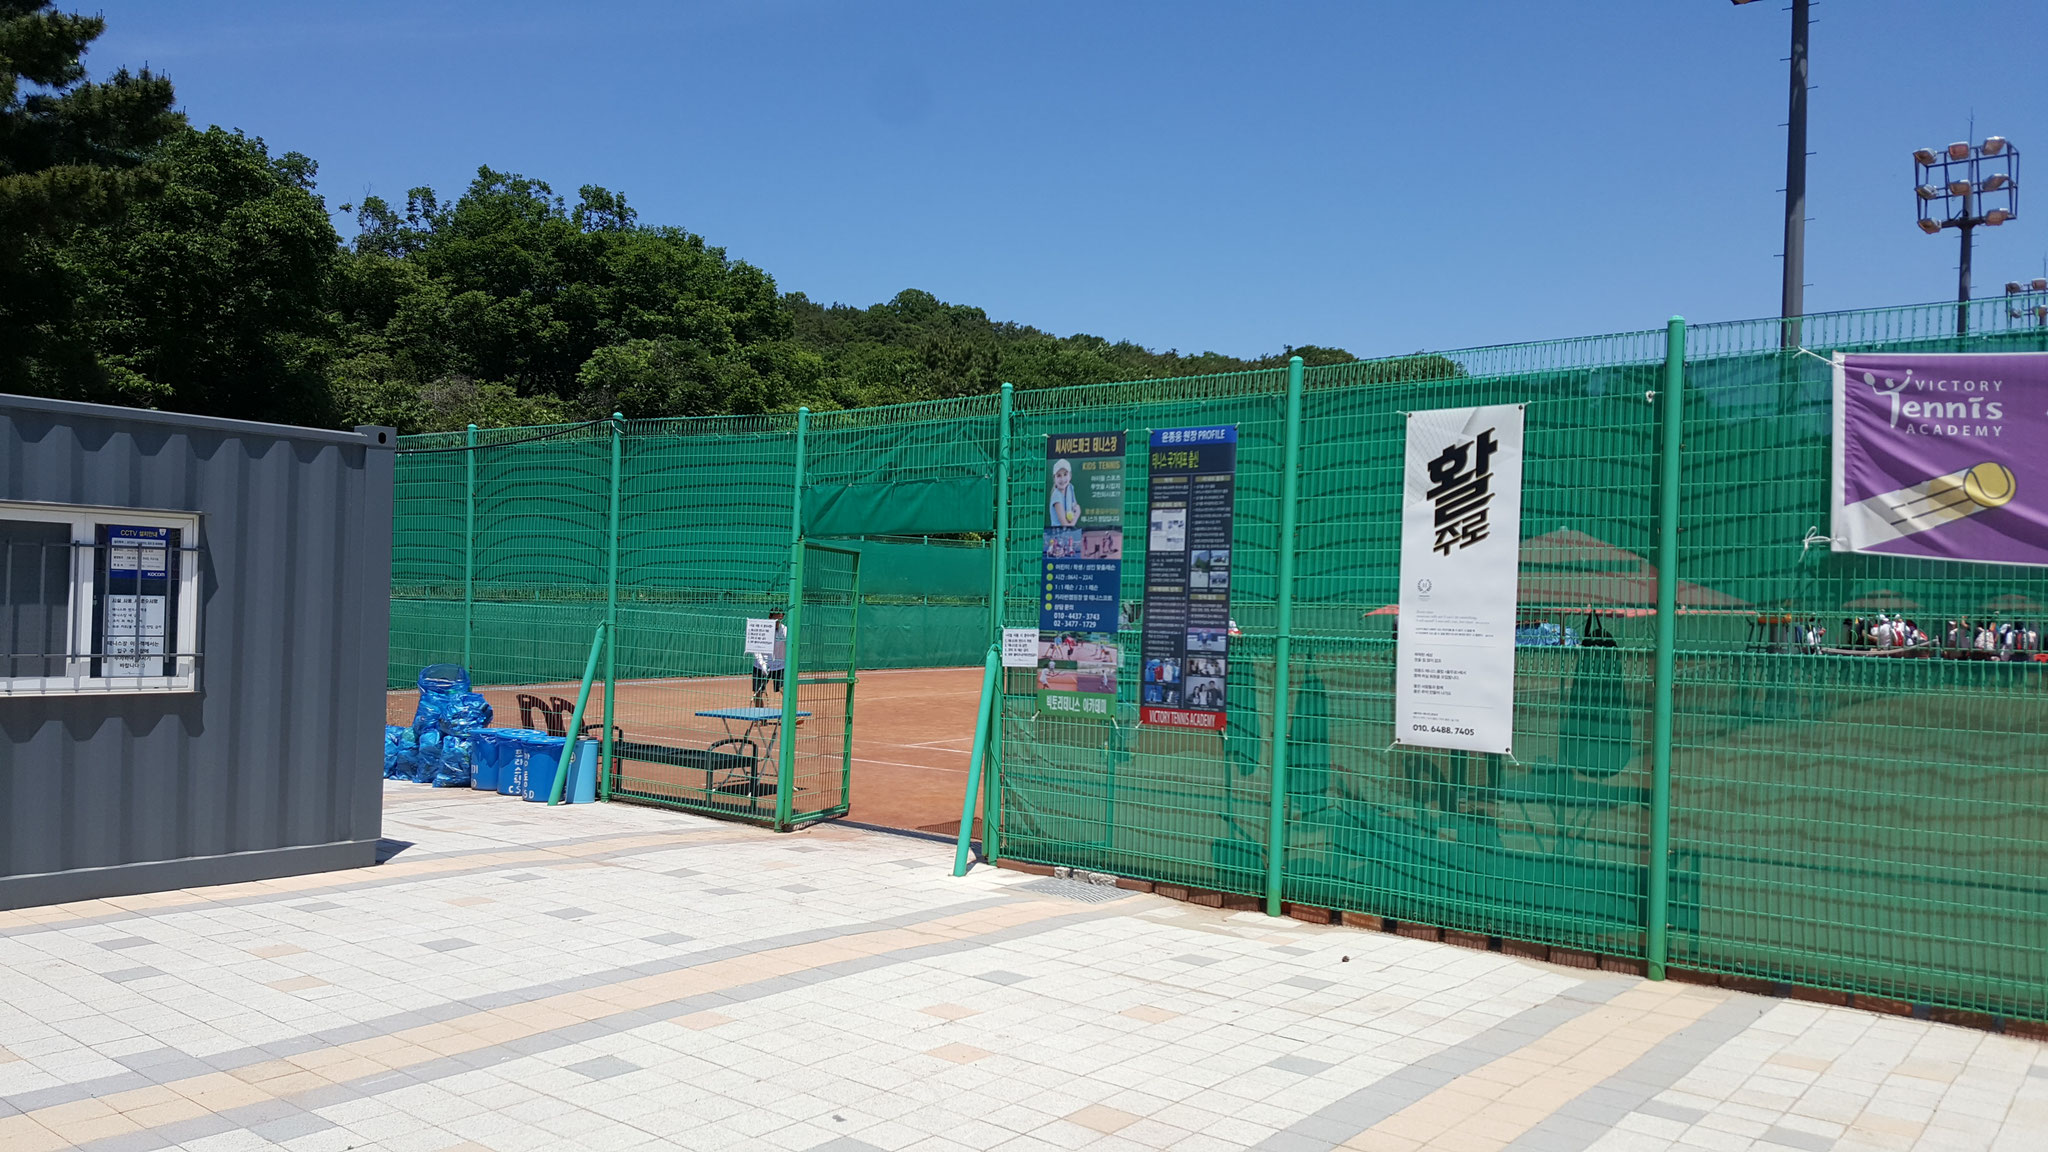 2018年6月 合宿。今年は仁川にあるシーサイドテニスパークのテニス場。クレーコート。ホテルは雲西駅近くのGolden Tulipホテル。